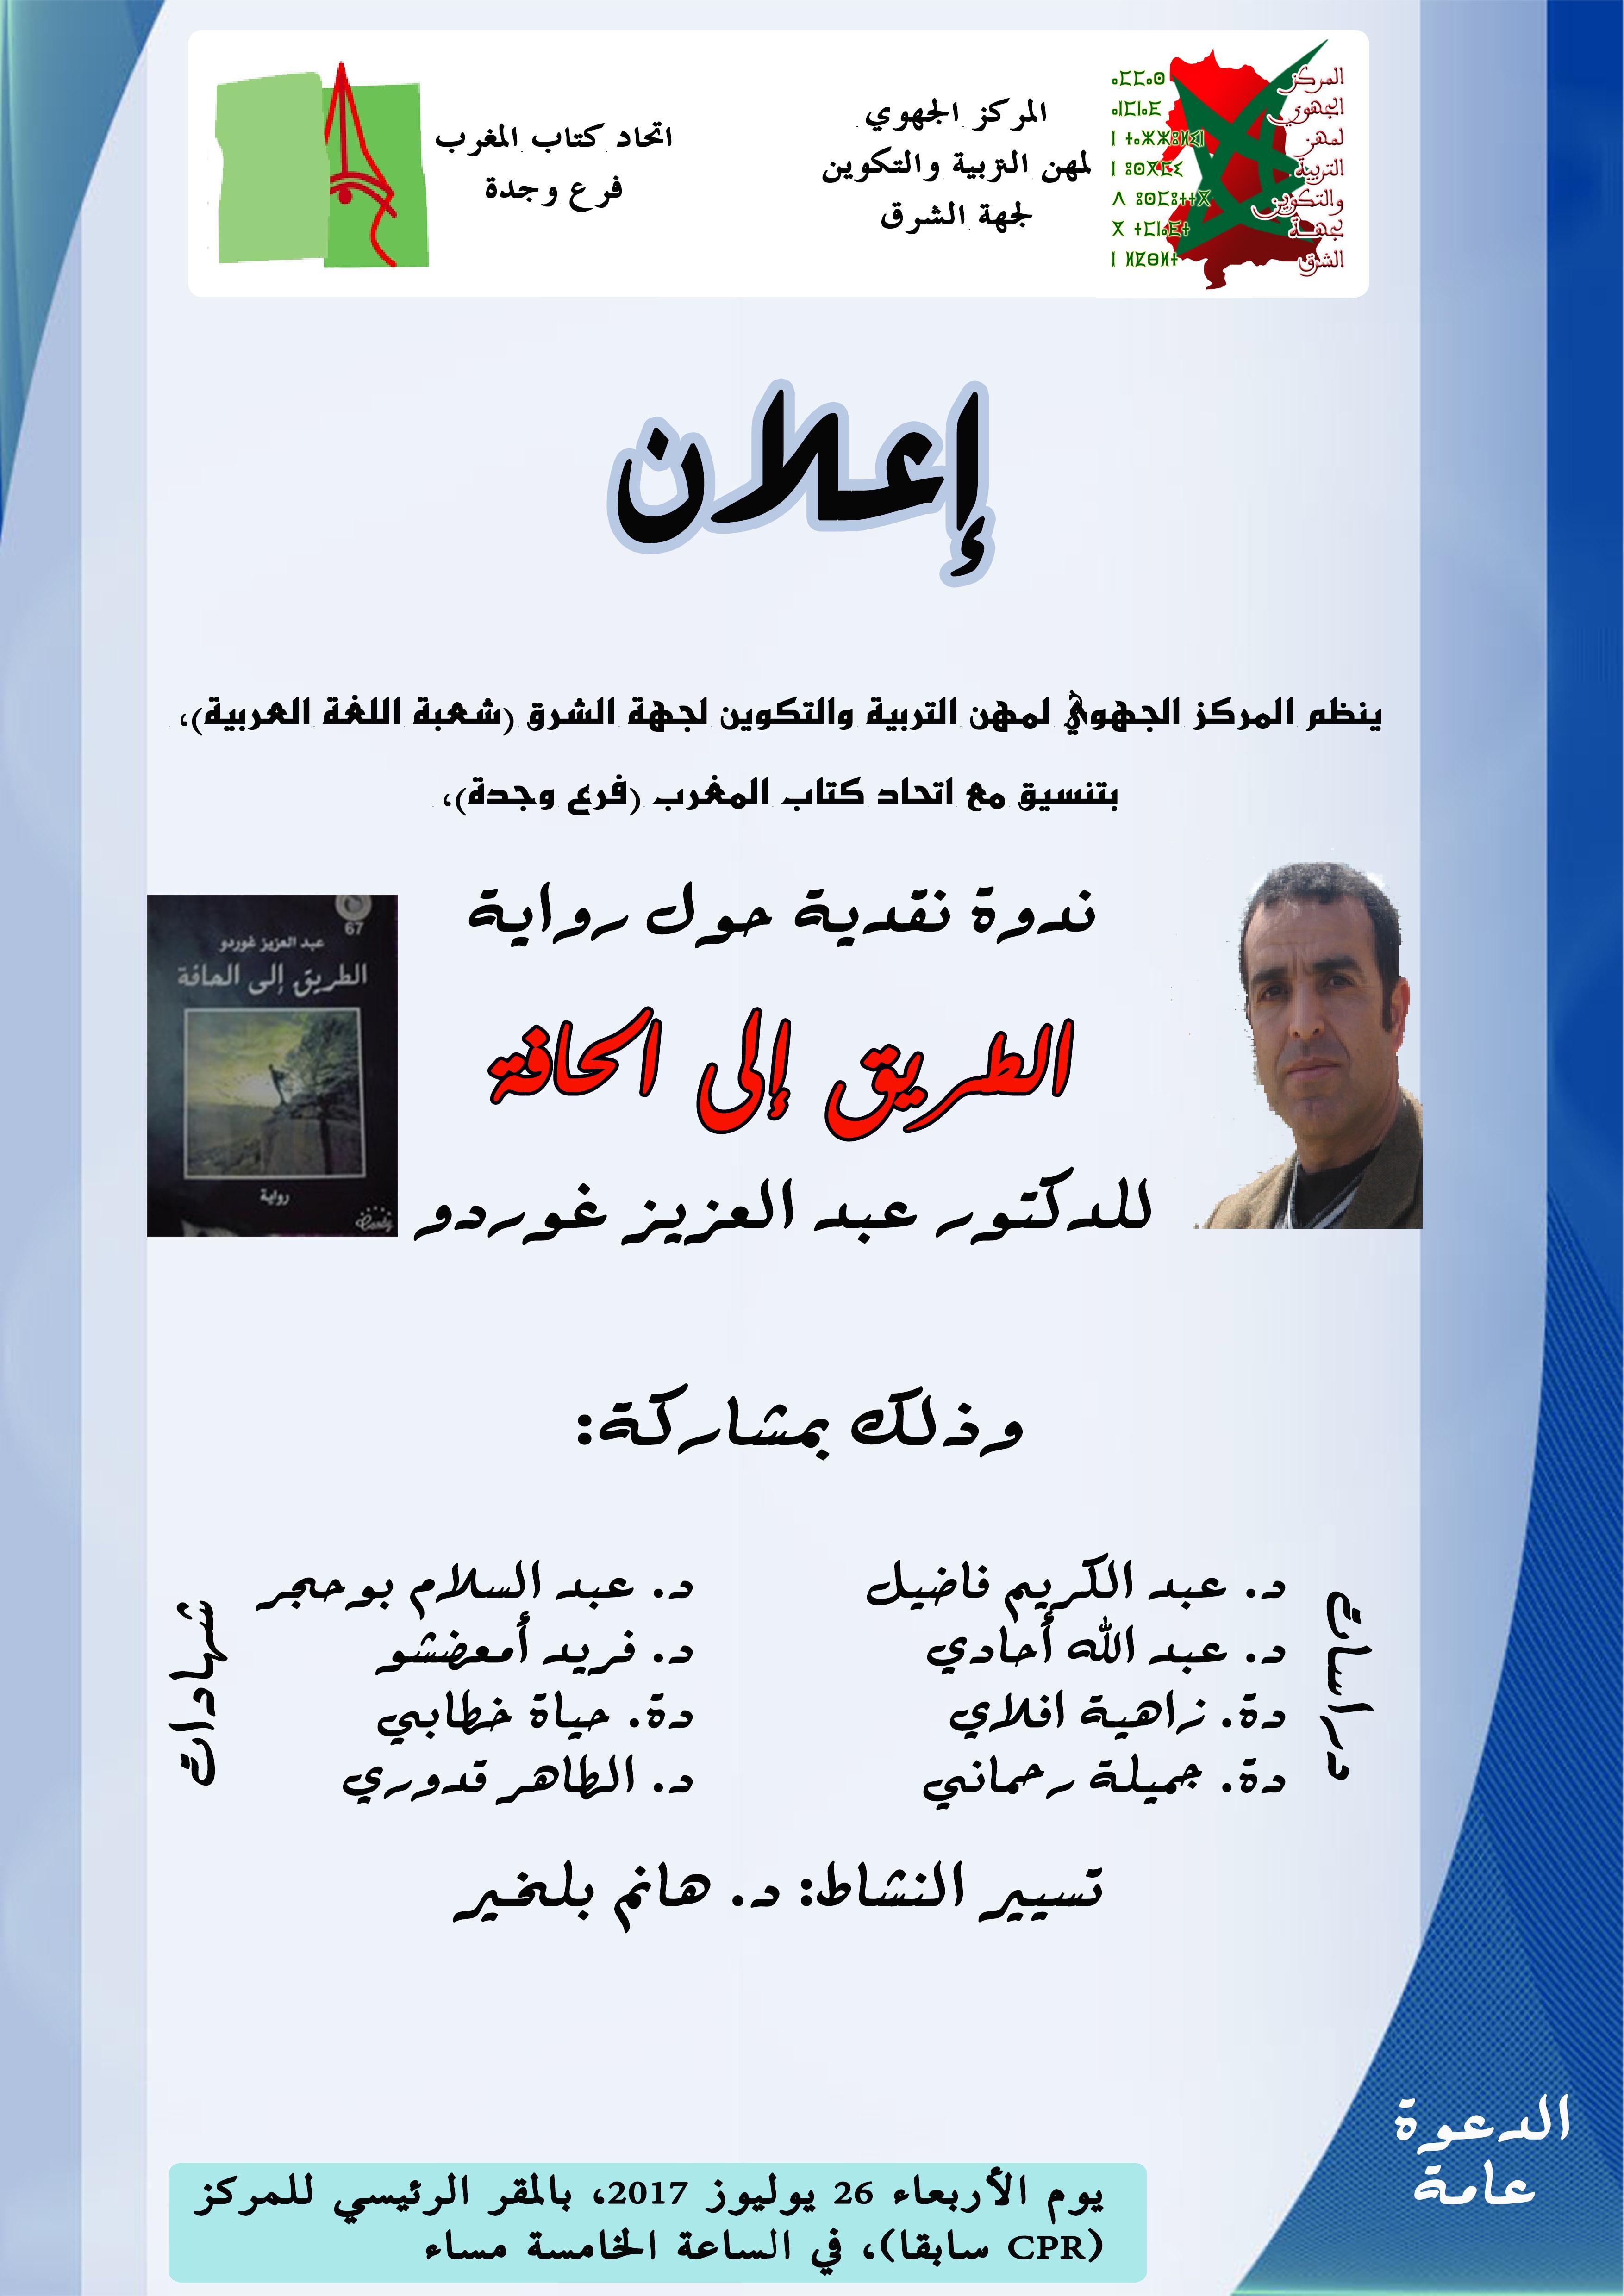 إعلان الندوة النقدية لكتاب عبد العزيز غوردو يوليوز 2017